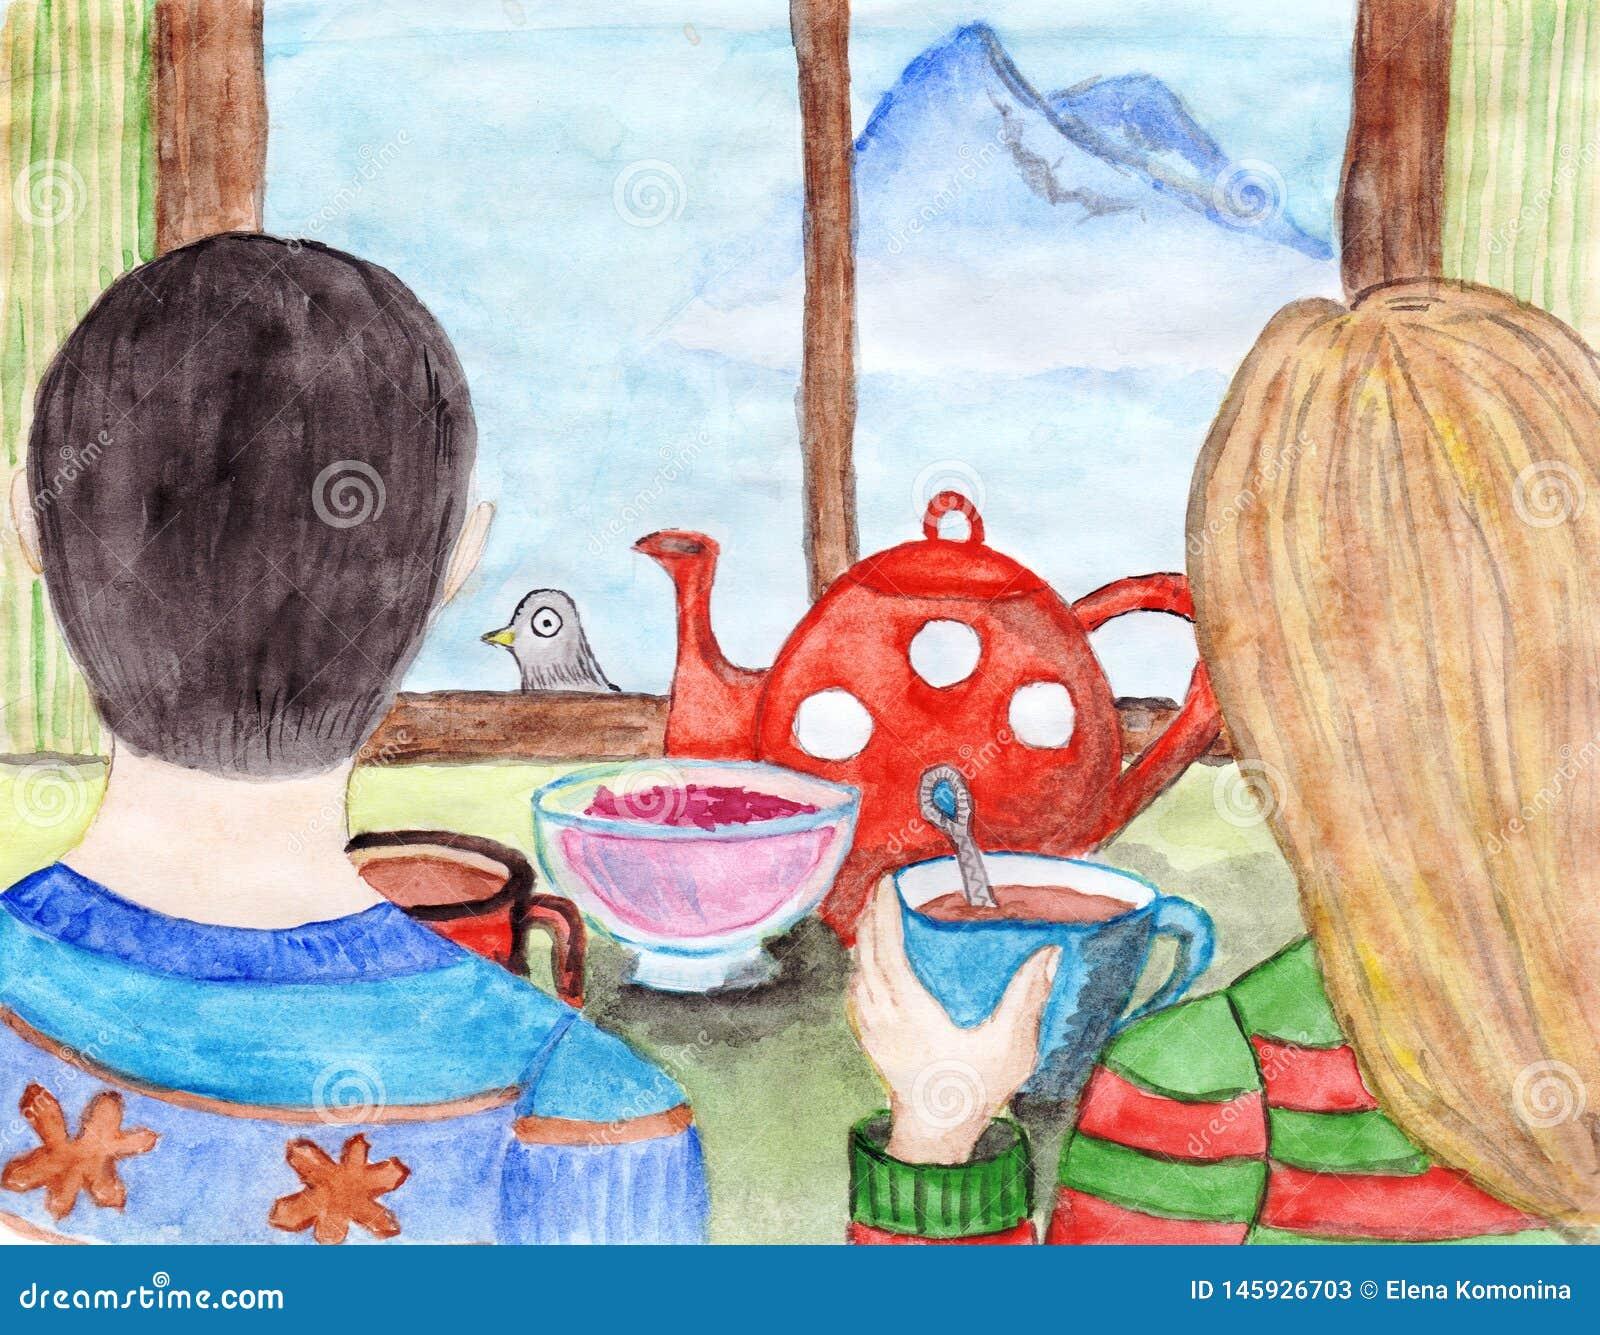 El par joven está bebiendo té y está mirando a través de la ventana la montaña distante